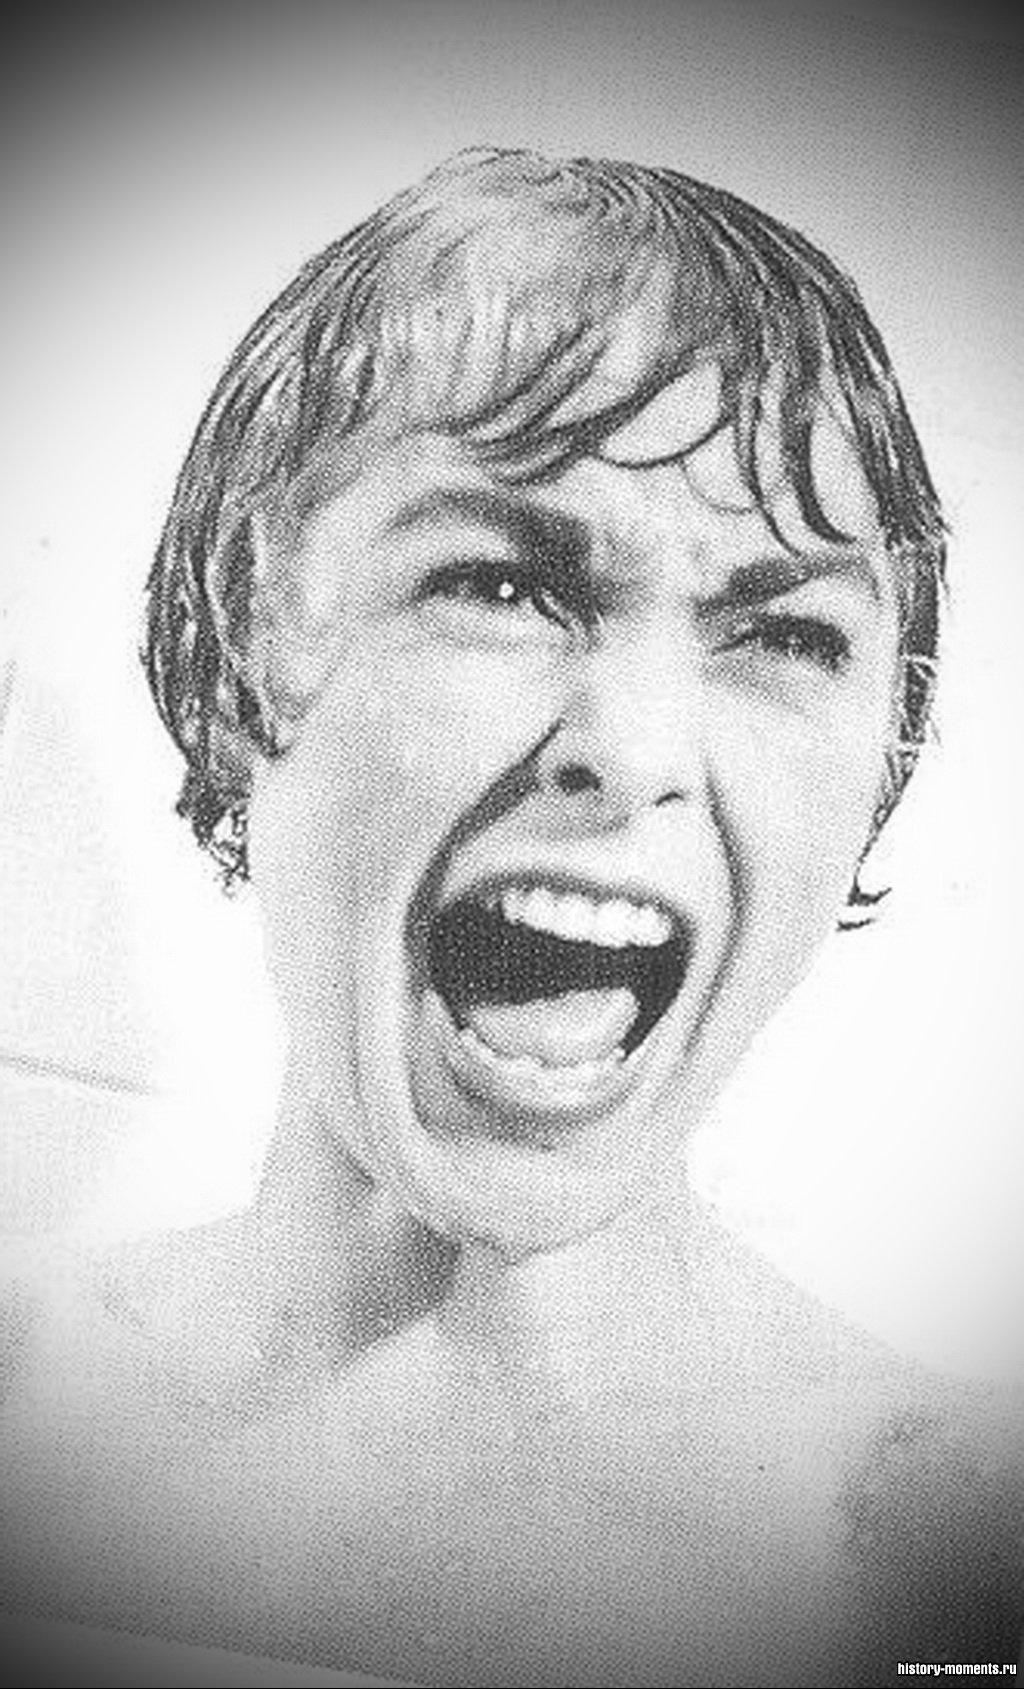 «Психоз» Хичкока: Джанет Ли вопит под душем.